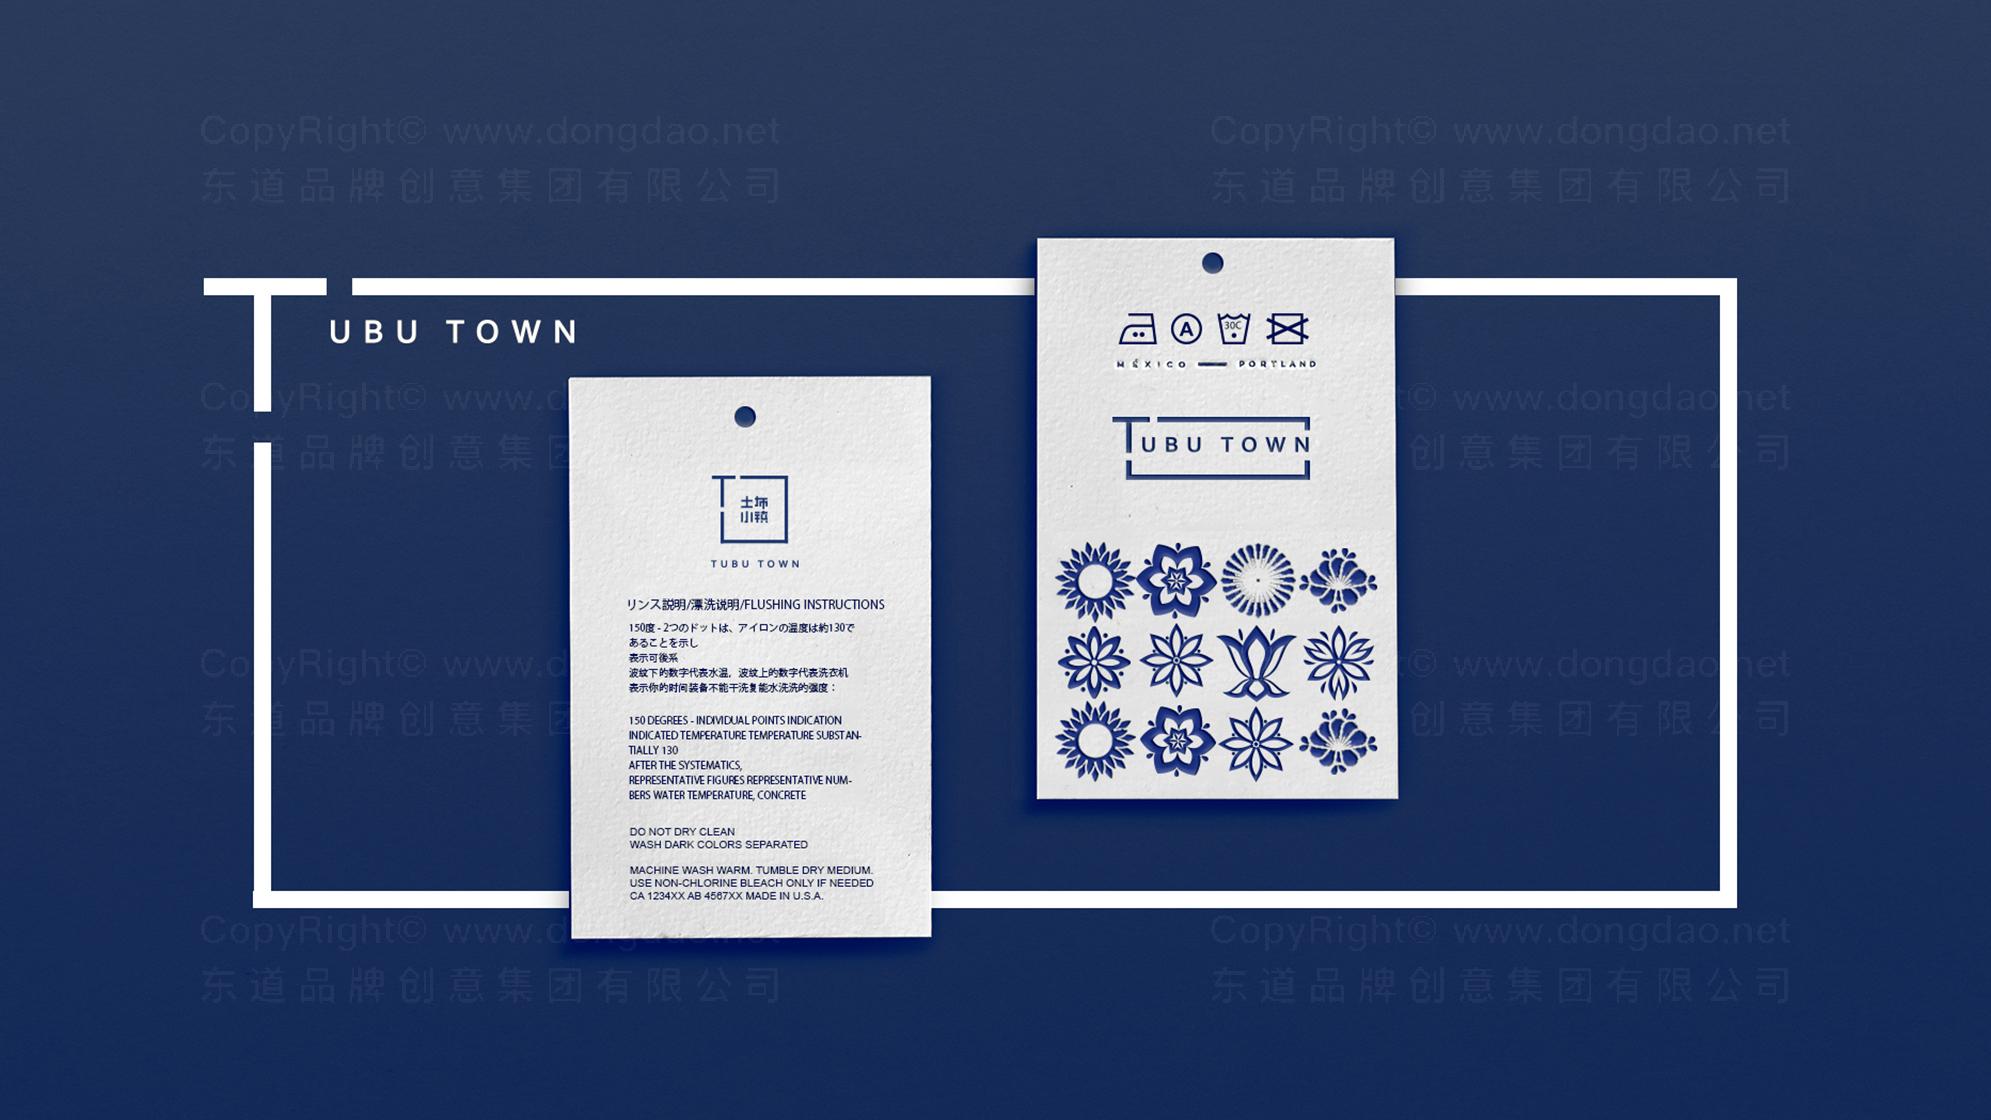 贞丰县土布小镇旅游景点logo设计、vi设计应用场景_9